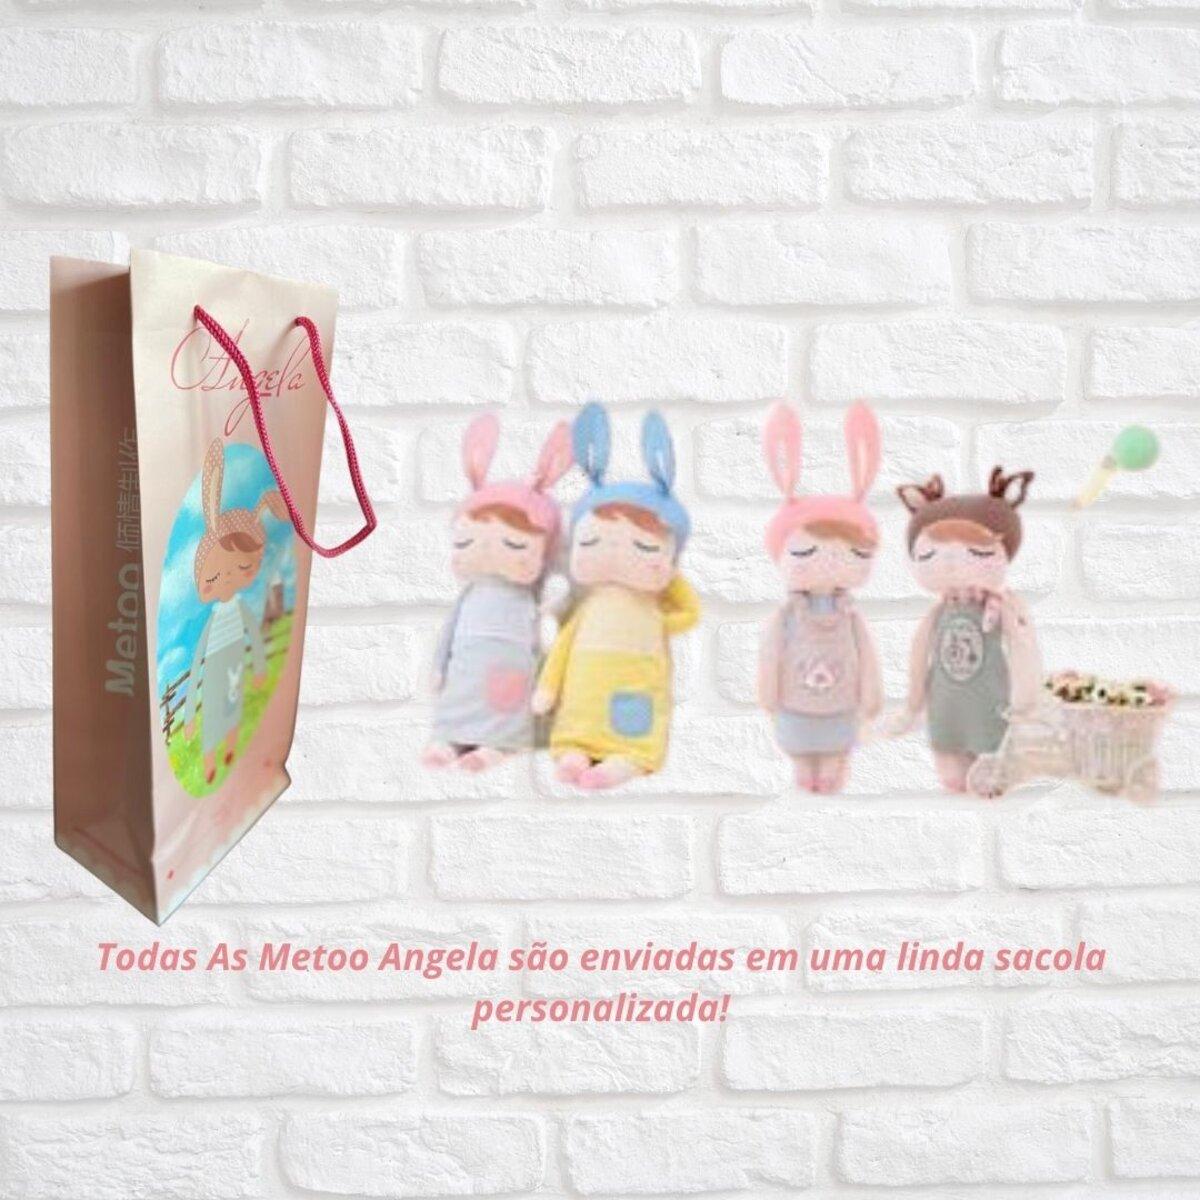 Boneca MeToo Angela Classica Cinza 33cm Original com Sacola